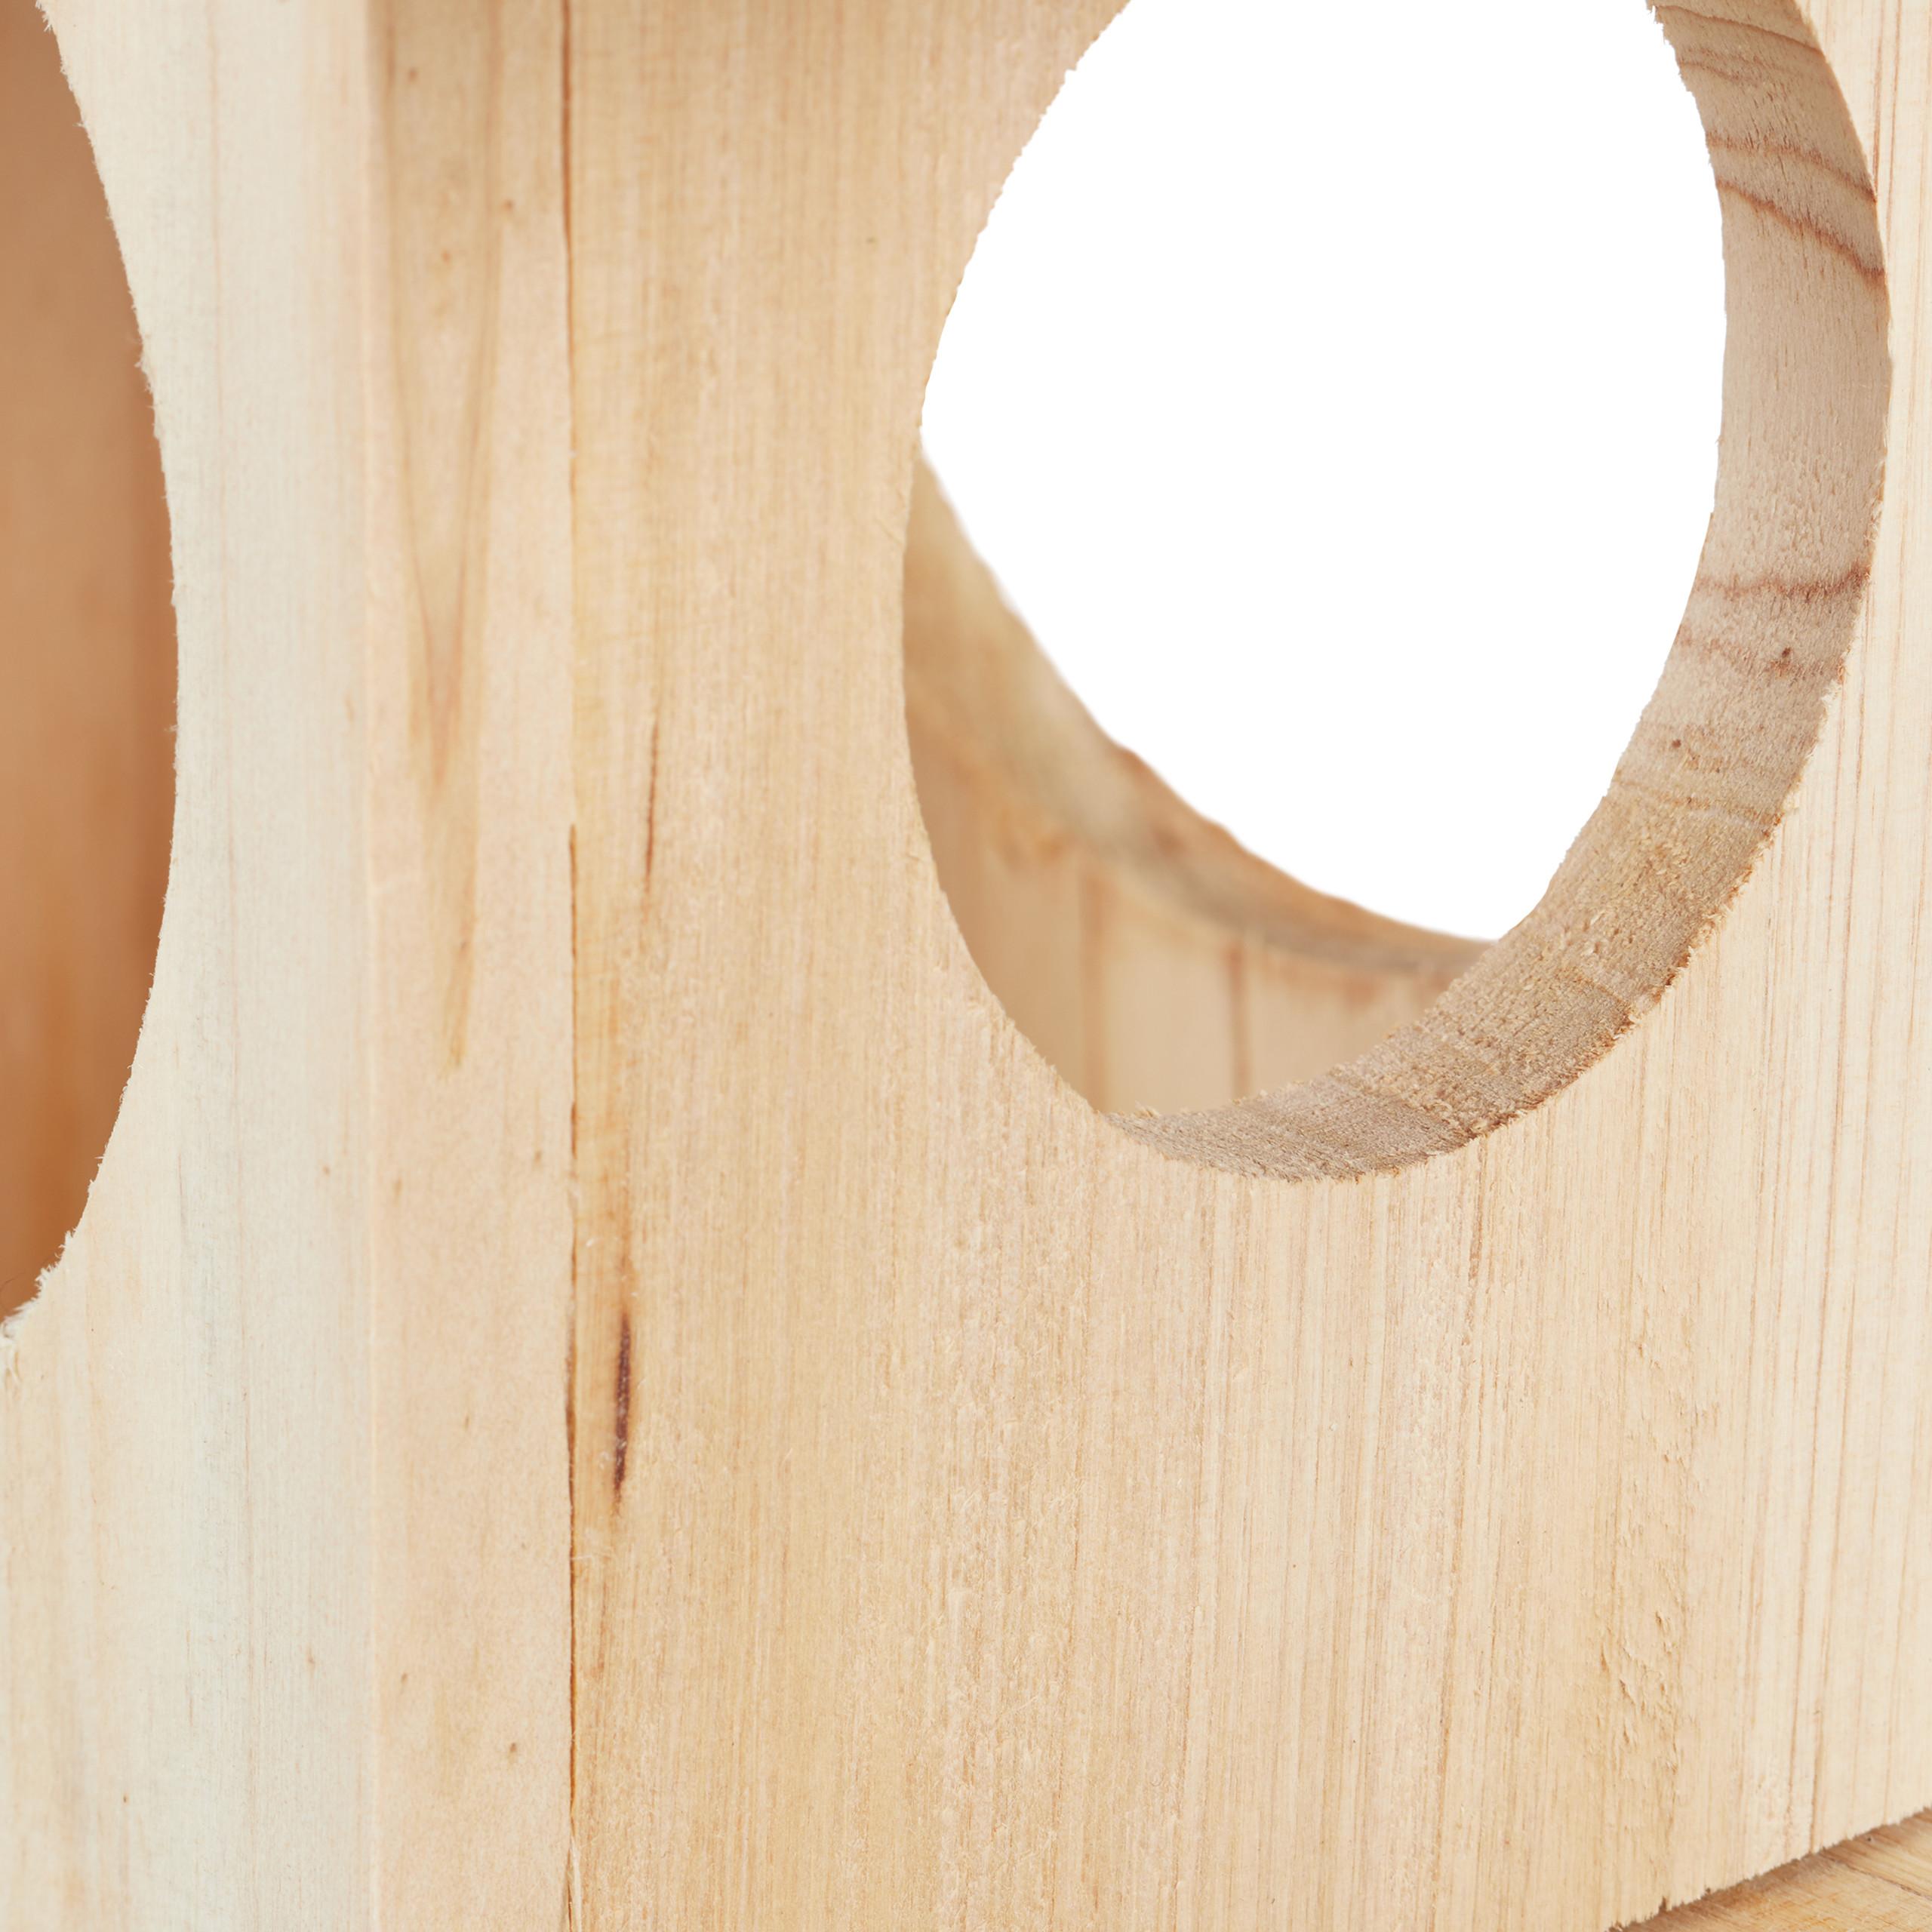 miniatuur 14 - eekhoorn voederhuisje - voederhuis - voederkast - voederbak - hout - voederplek